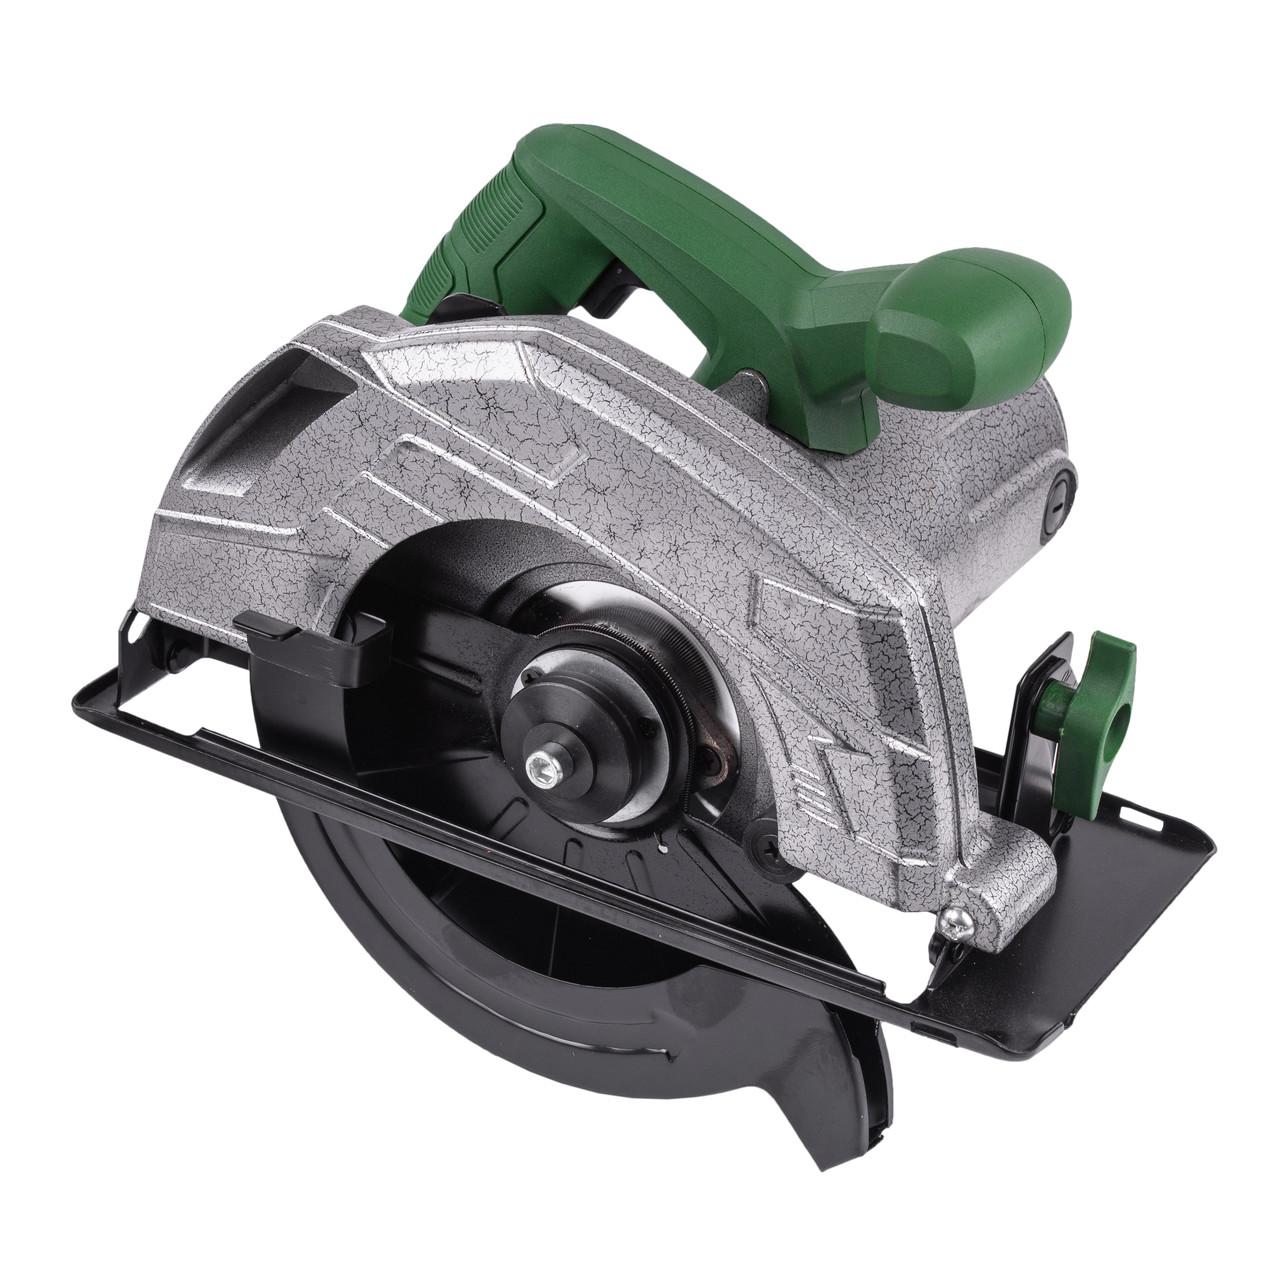 Циркулярная пила Craft - tec CXCS - 7001 (185 мм 1650 Вт)